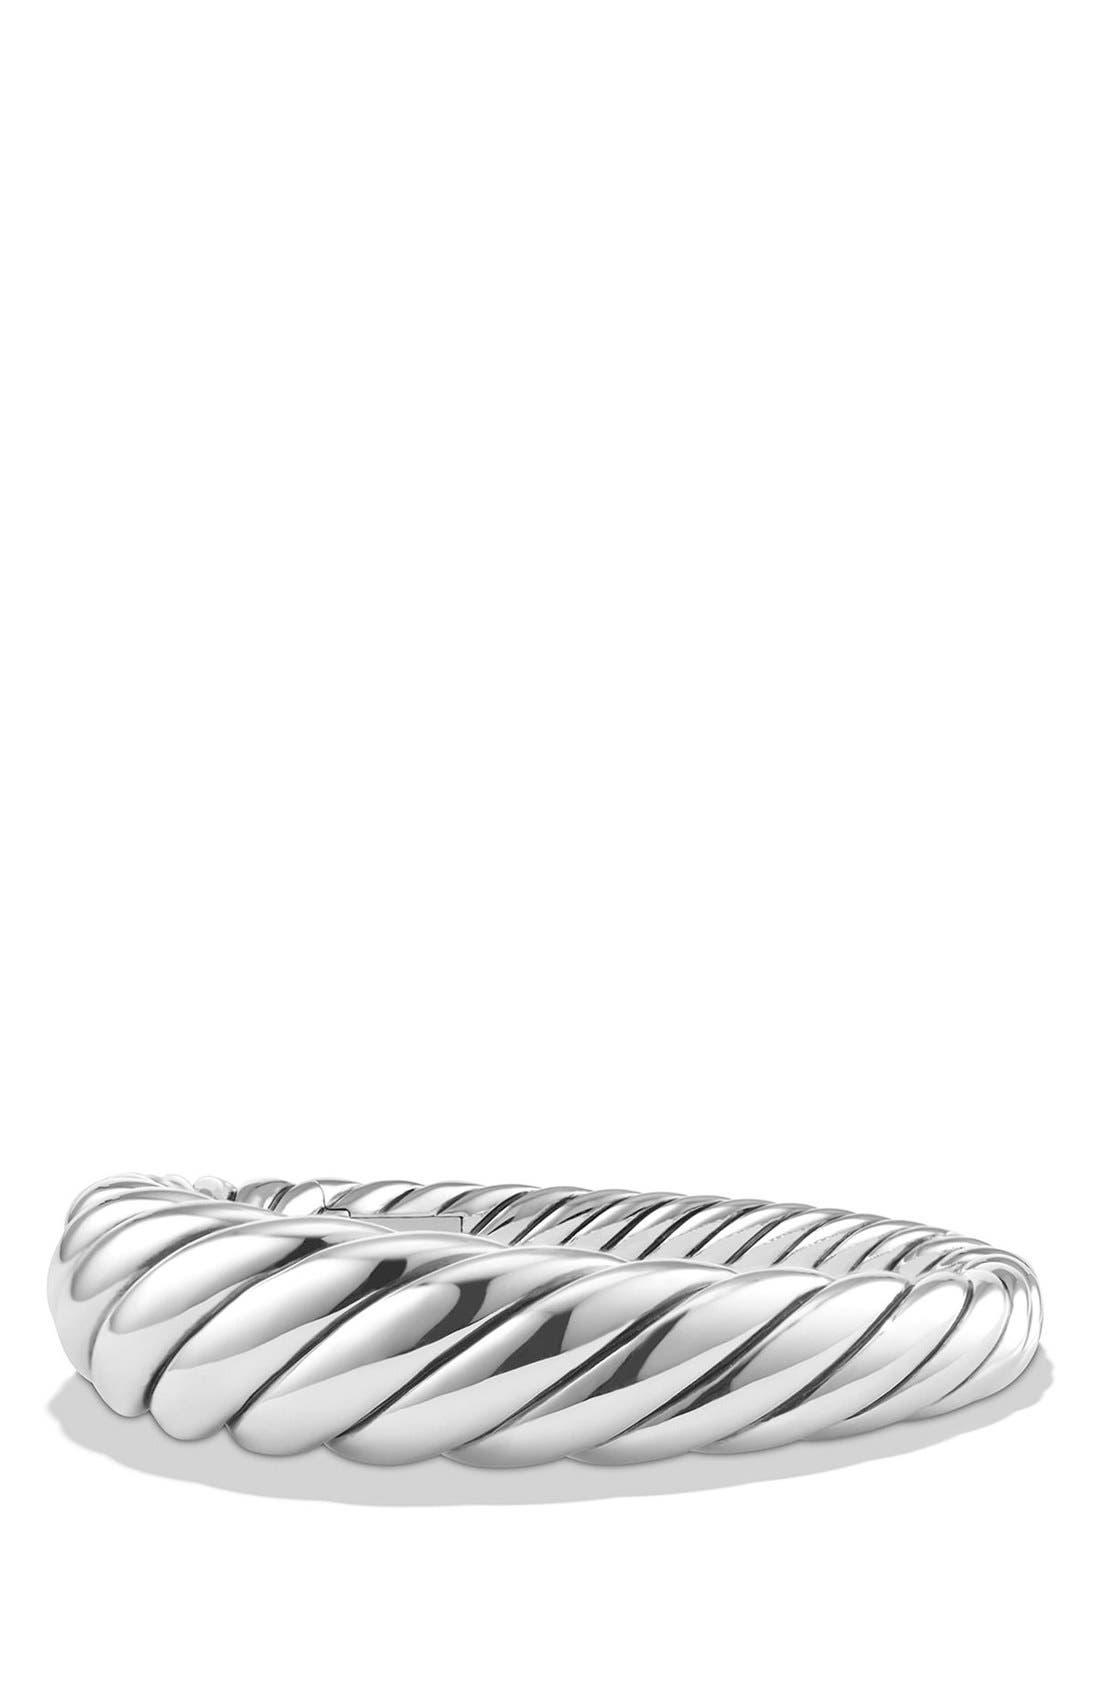 DAVID YURMAN 'Pure Form' Cable Bracelet, Main, color, SILVER